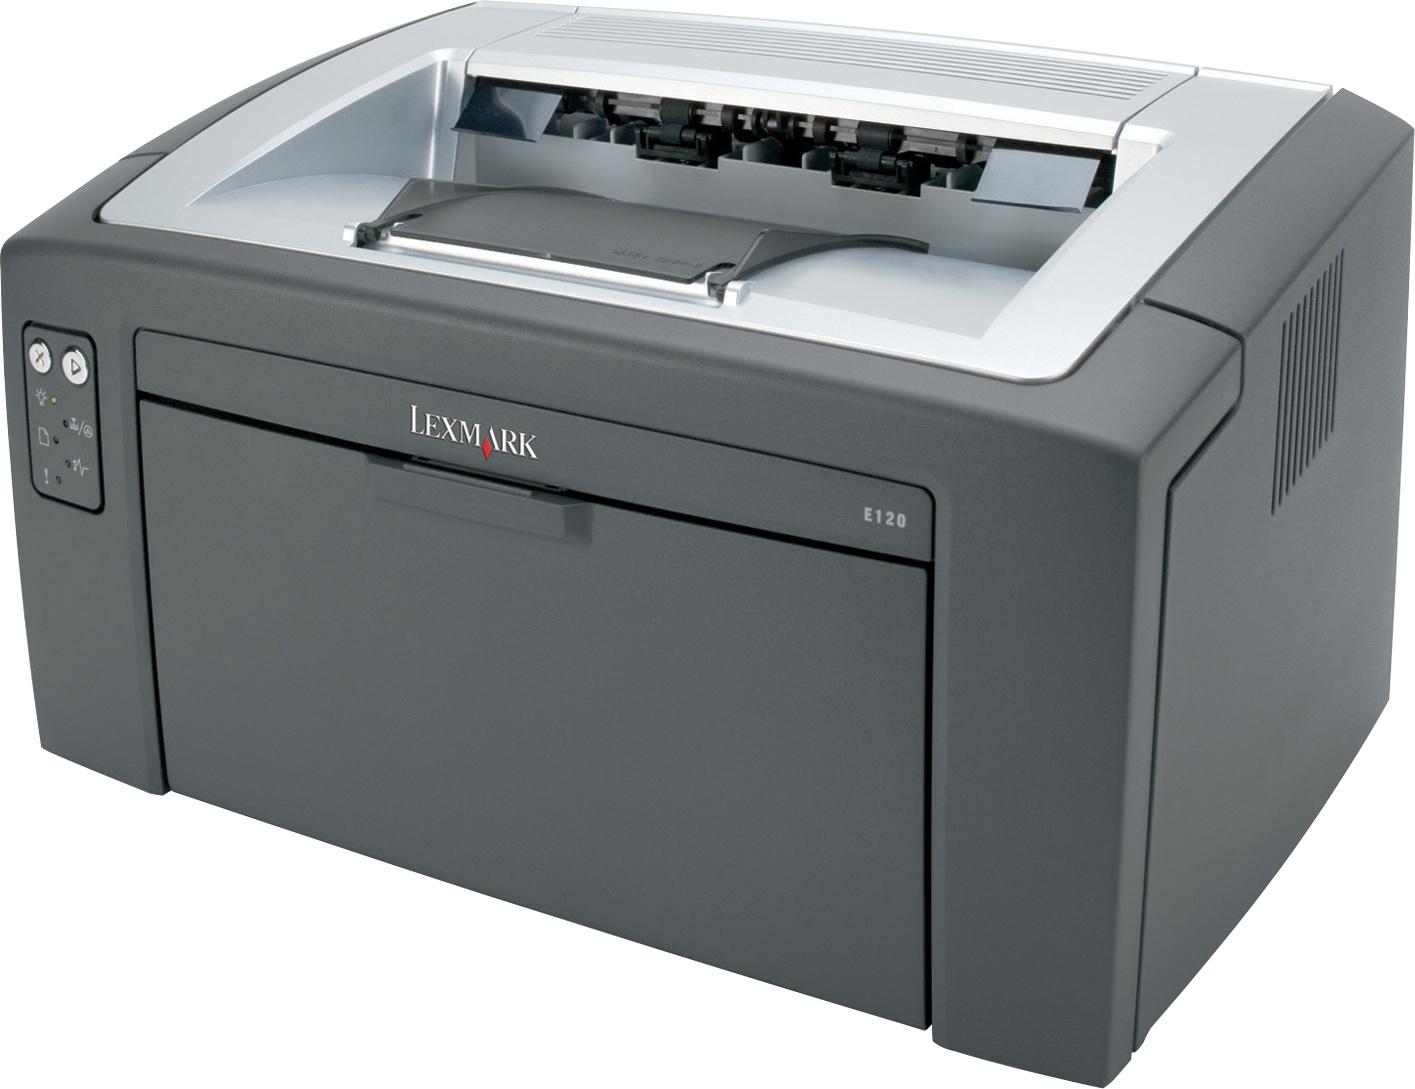 lexmark e120 e120n laser printer service repair manua rh sellfy com lexmark e120 manual service lexmark e120n manual